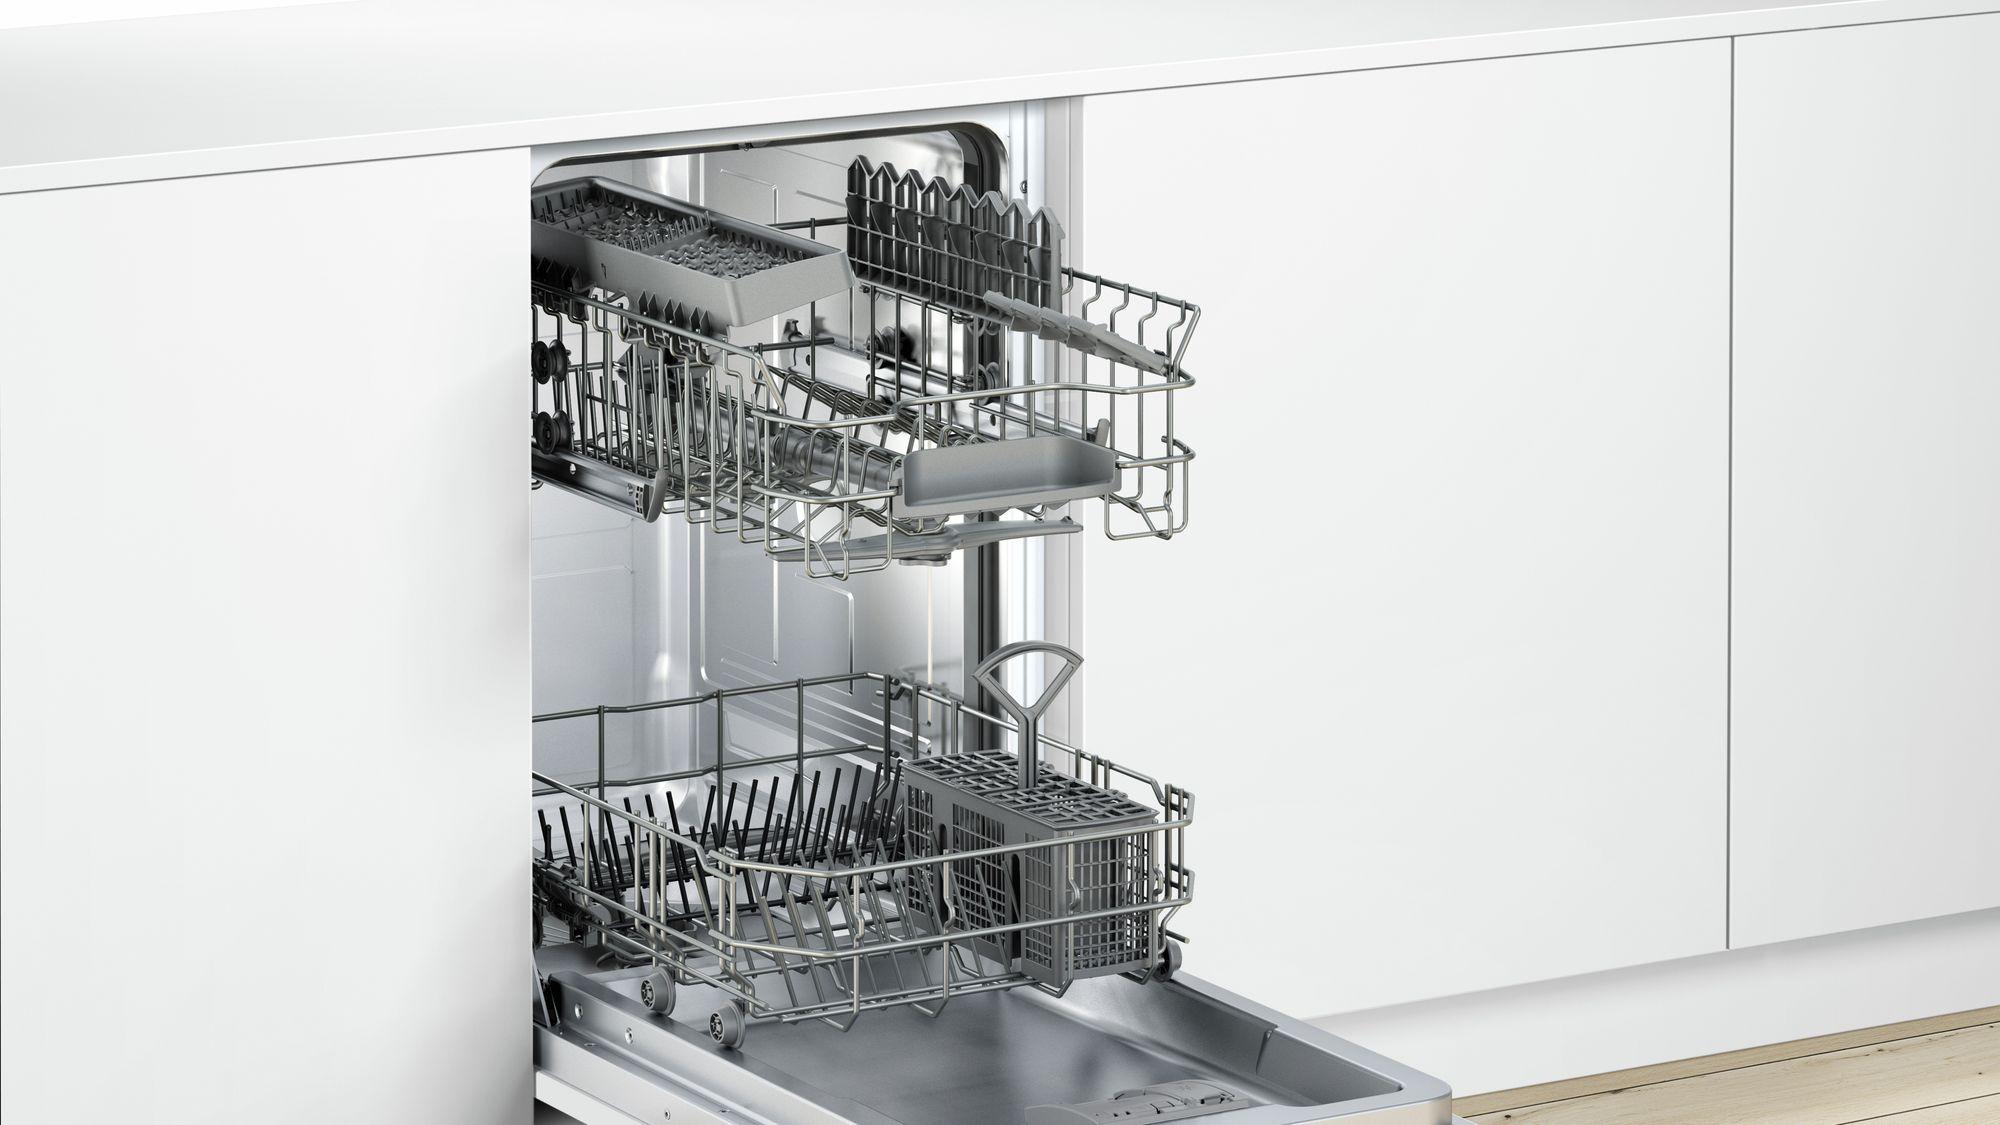 ТОП 10 лучших посудомоечных машин в рейтинге 2019 года фото